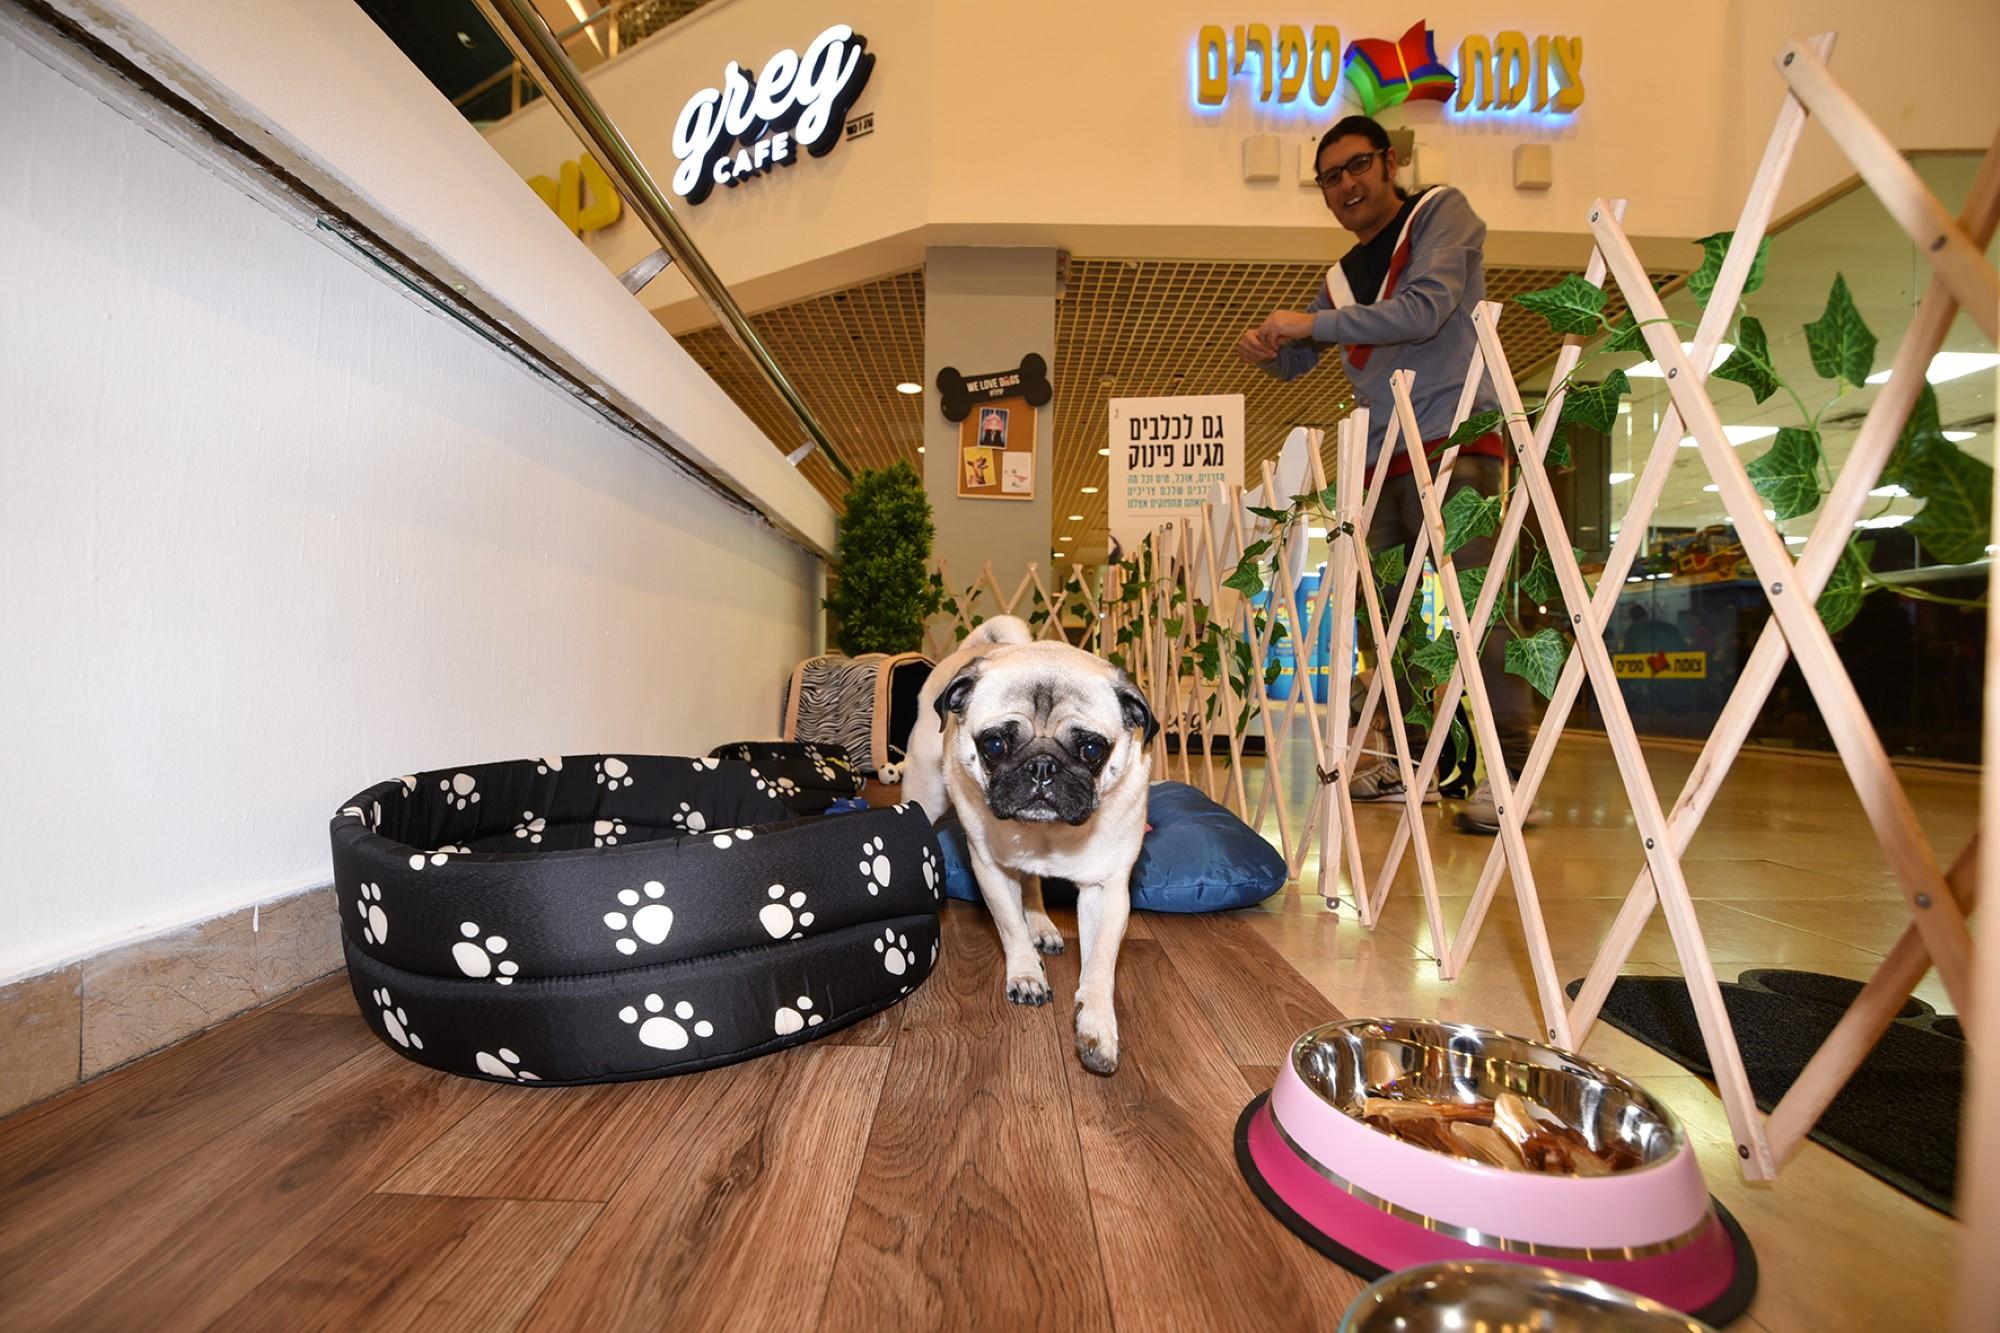 קפה גרג מציעה מתחם כלבים בסניף דיזינגוף סנטר צלם אלעד גוטמן